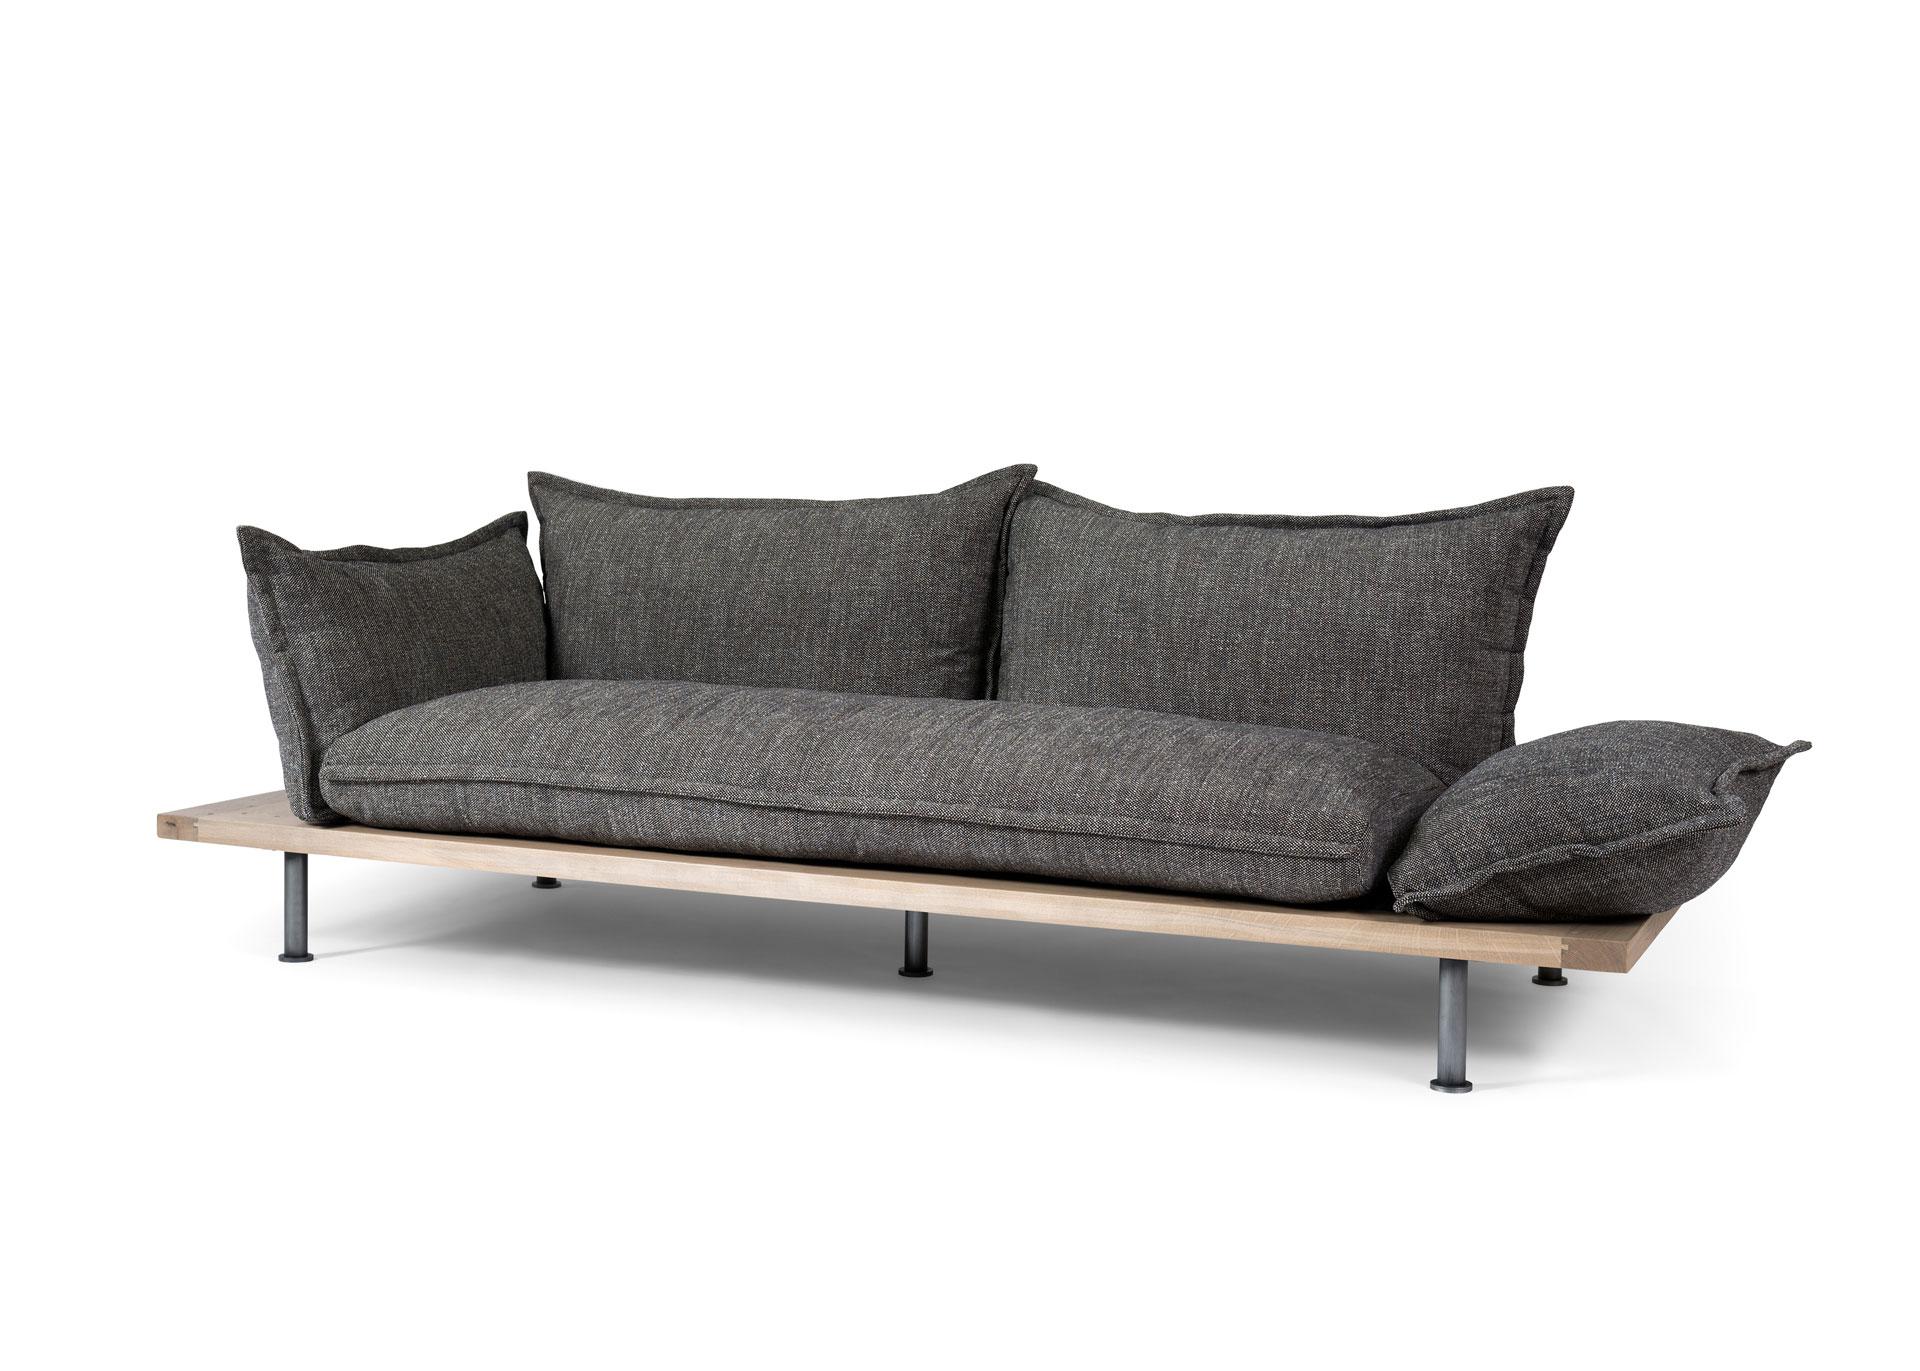 Canap nomade de ralph m raphaele meubles for M meuble canape